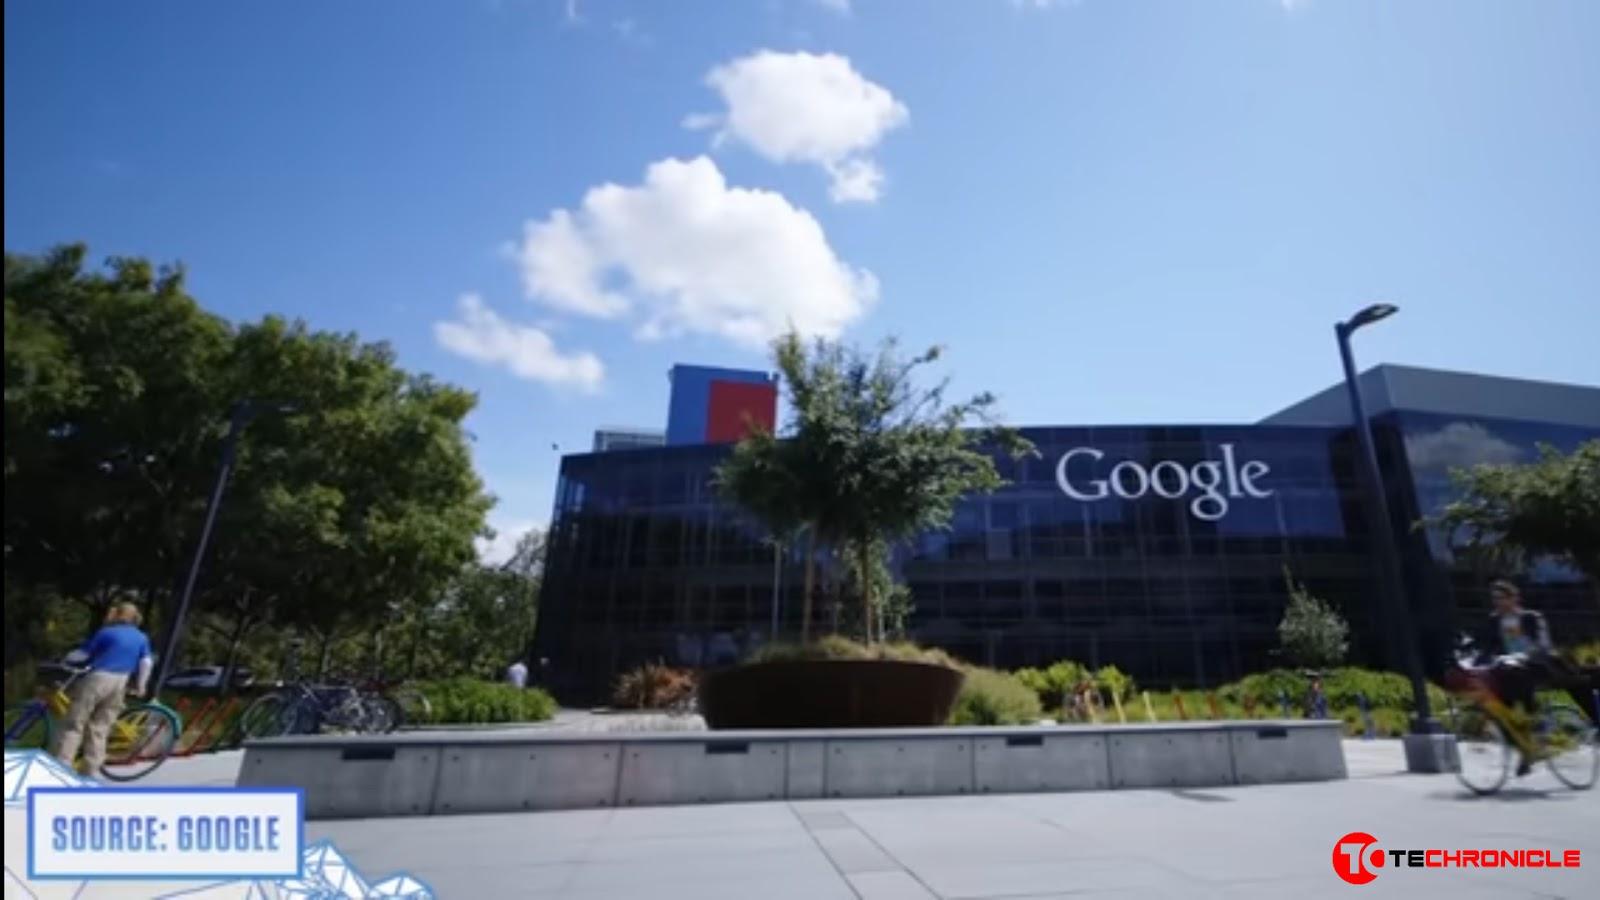 Google Headquarters Techronicle